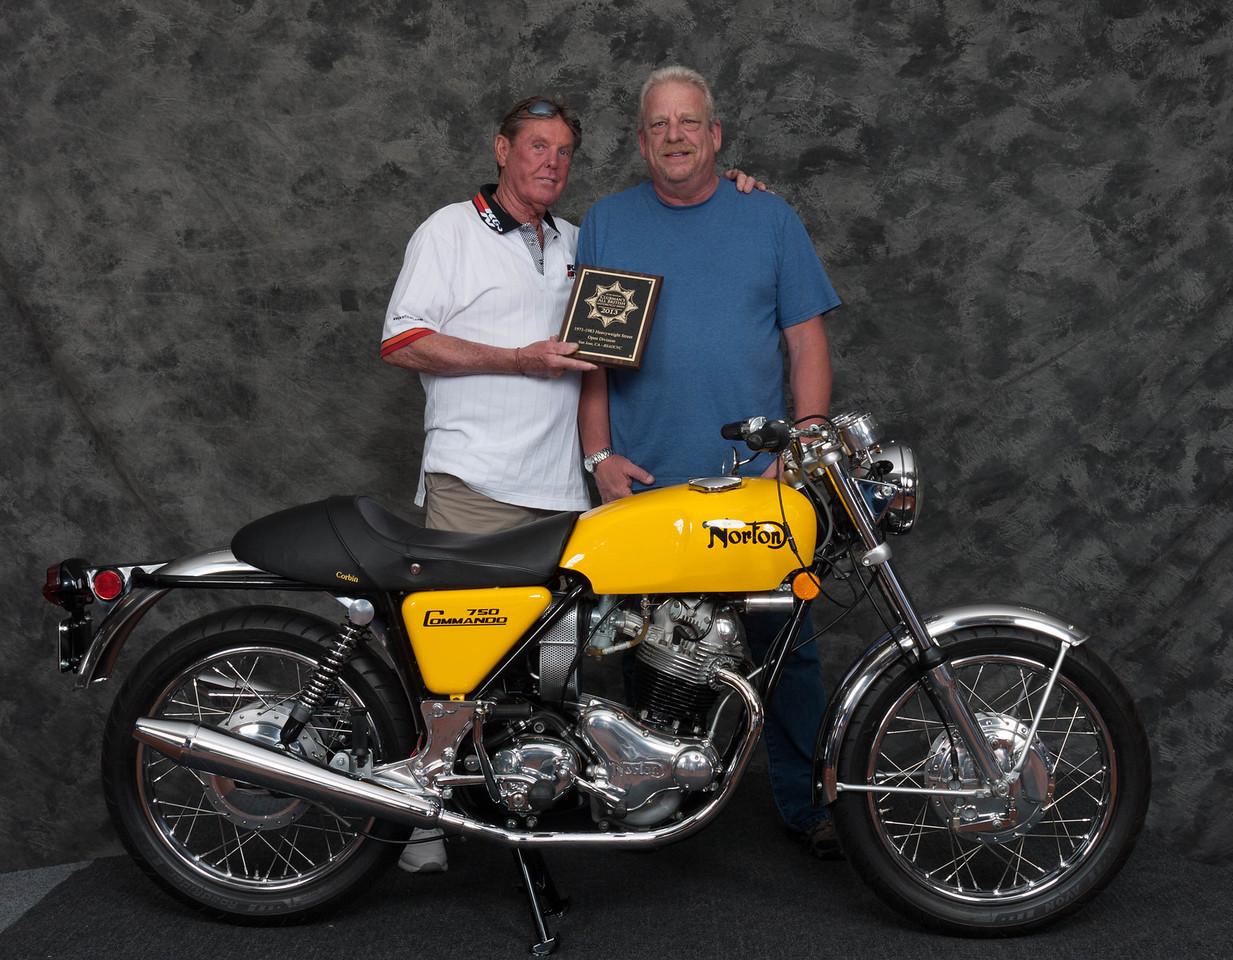 Vincent Shardt, Winner of Street Heavyweight Open Class 1971-1983- 1971 Norton Commando